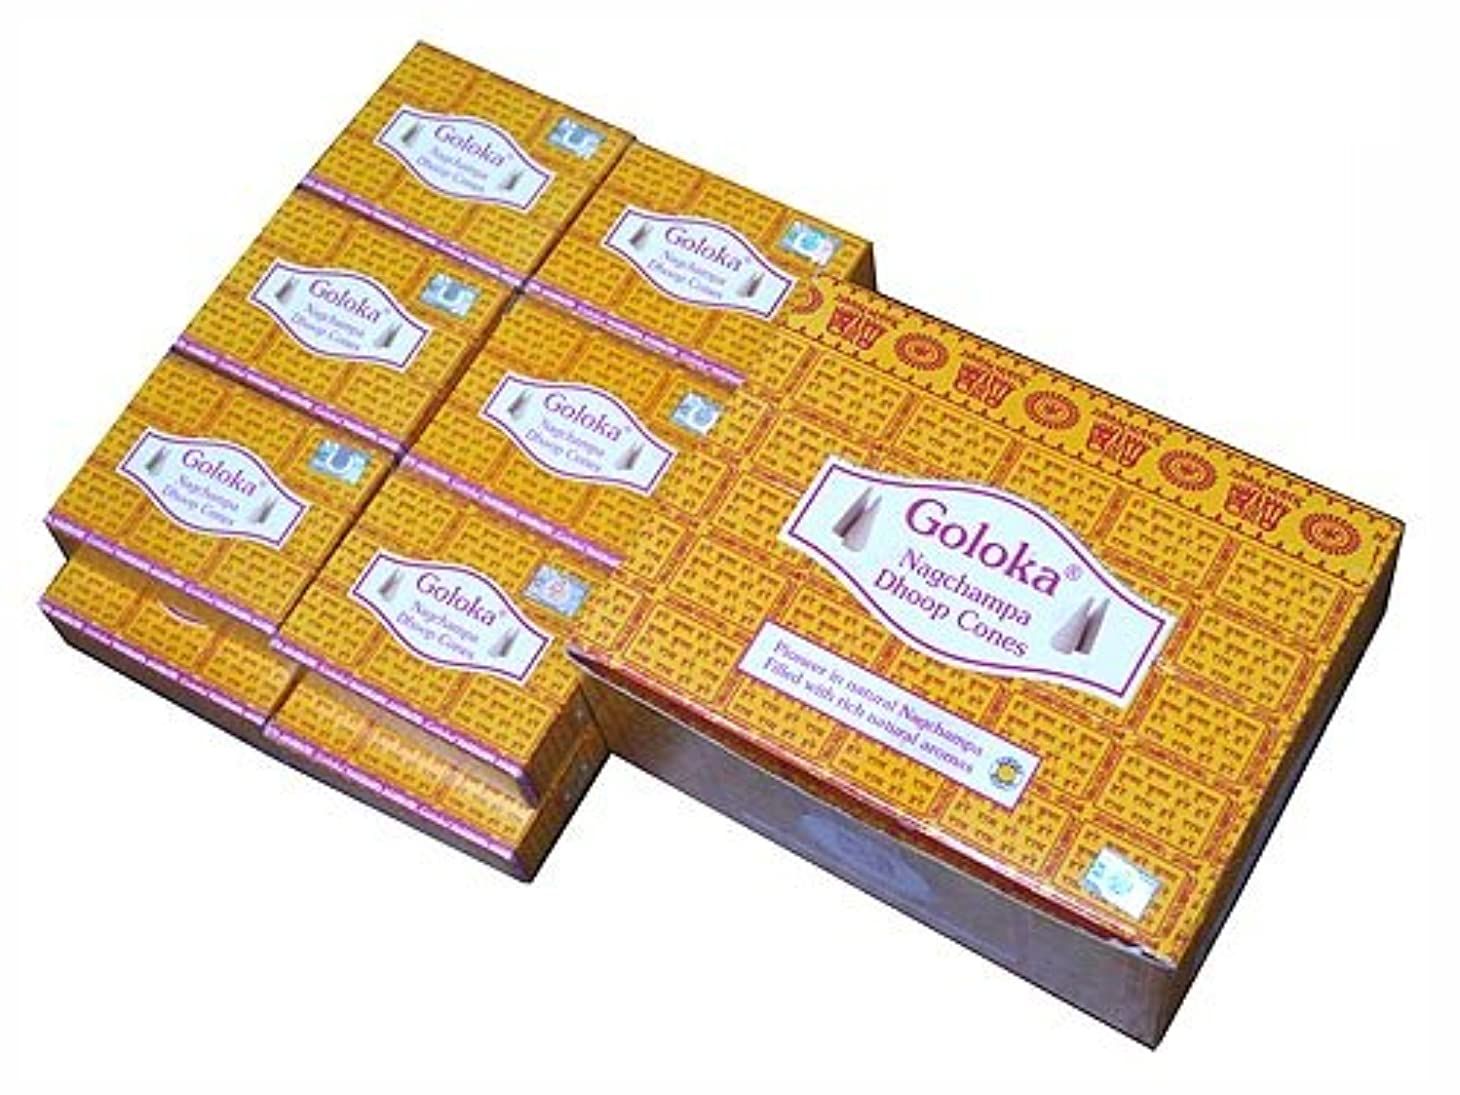 パーク処方する排気GOLOKA(ゴロカ) ゴロカ ナグチャンパ香 コーンタイプ NAG CHAMPA CORN 12箱セット